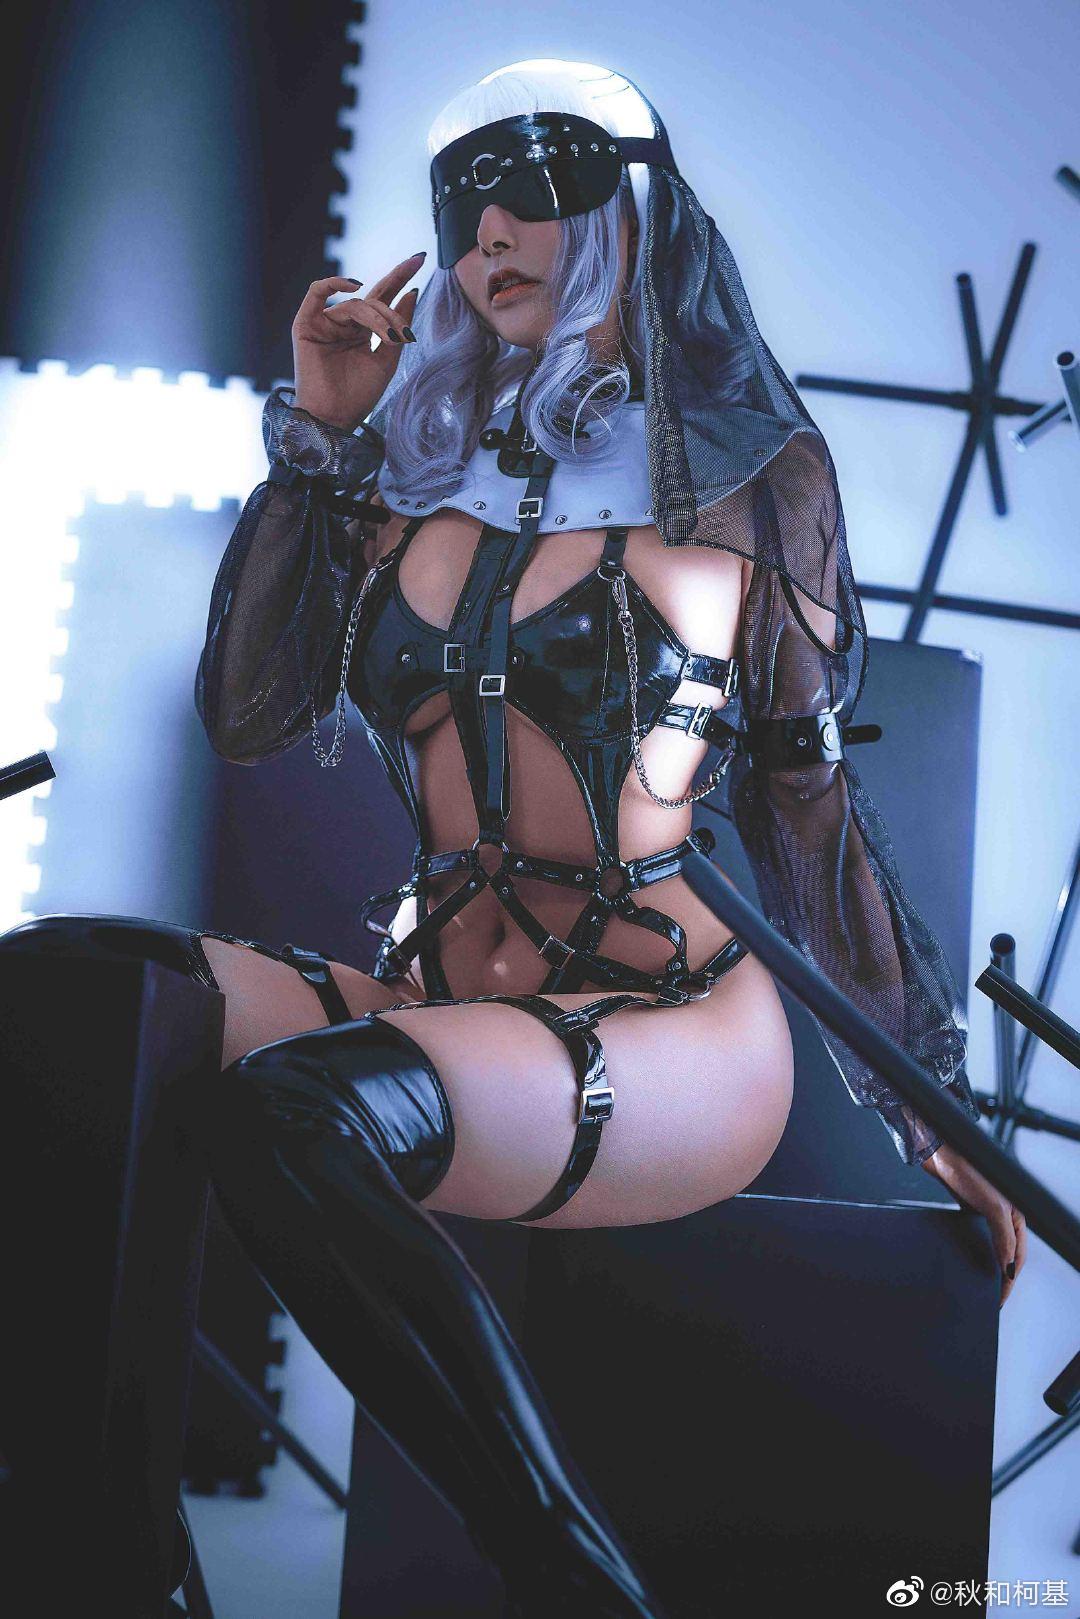 苦行修女2之《银发圣女》 Cosplay-第1张